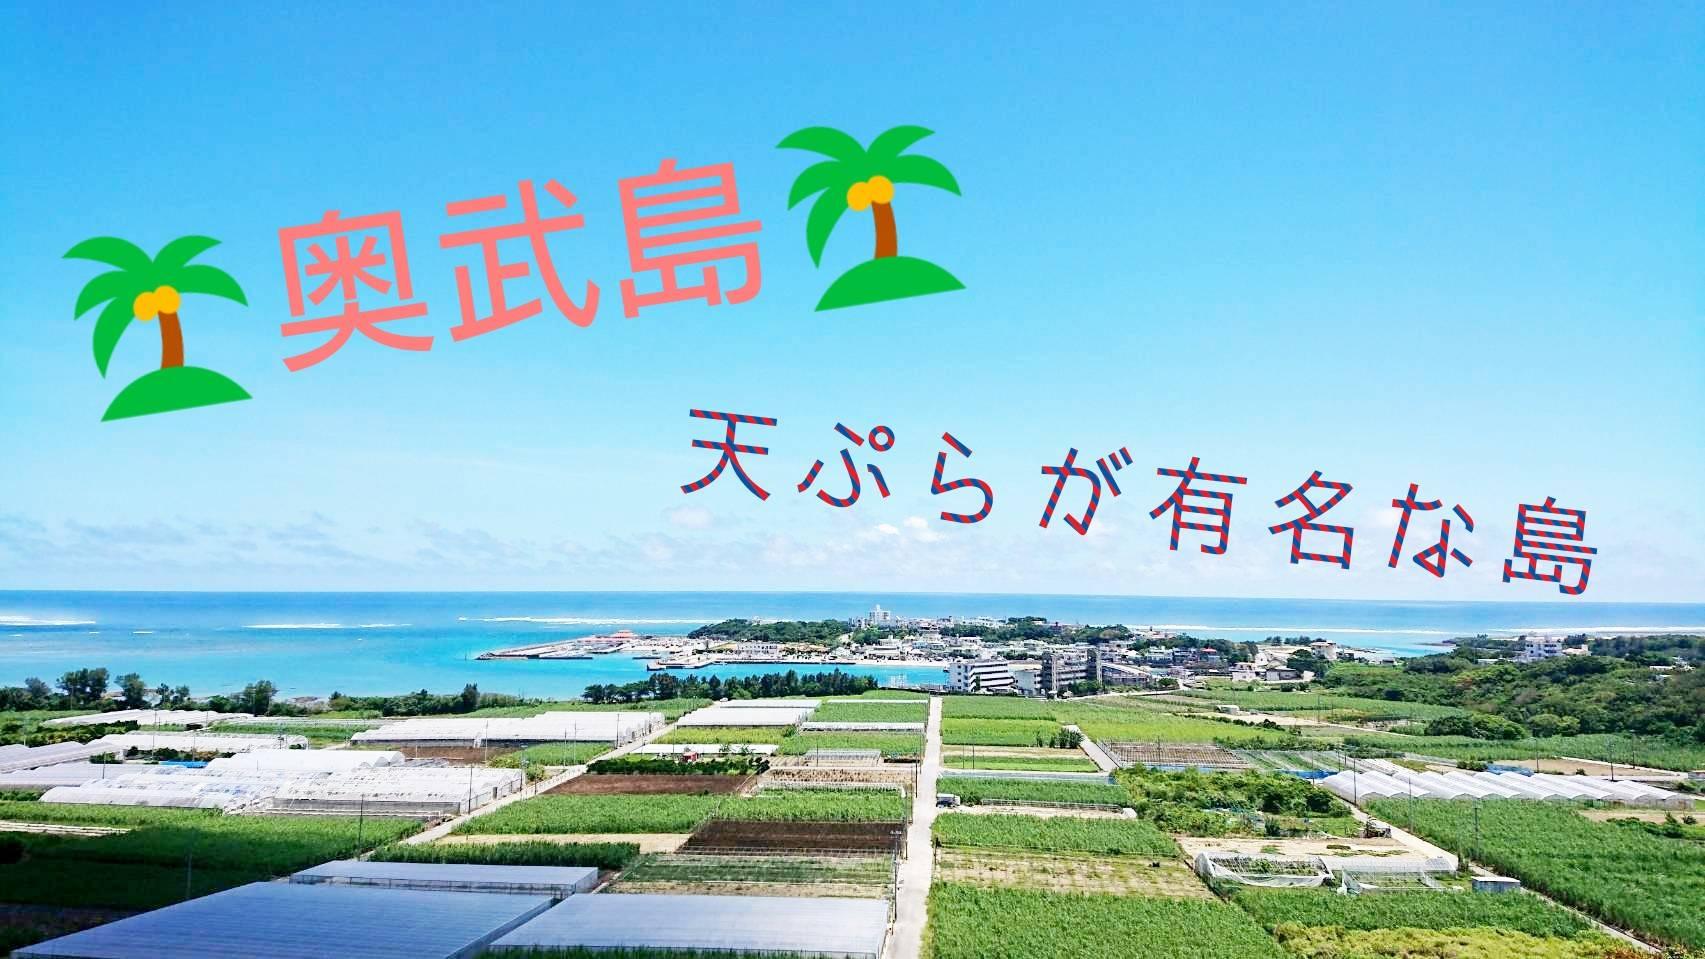 ★沖縄に来たら一度は行ってほしいおやつスポット(沖縄人のおやつ@奥武島)